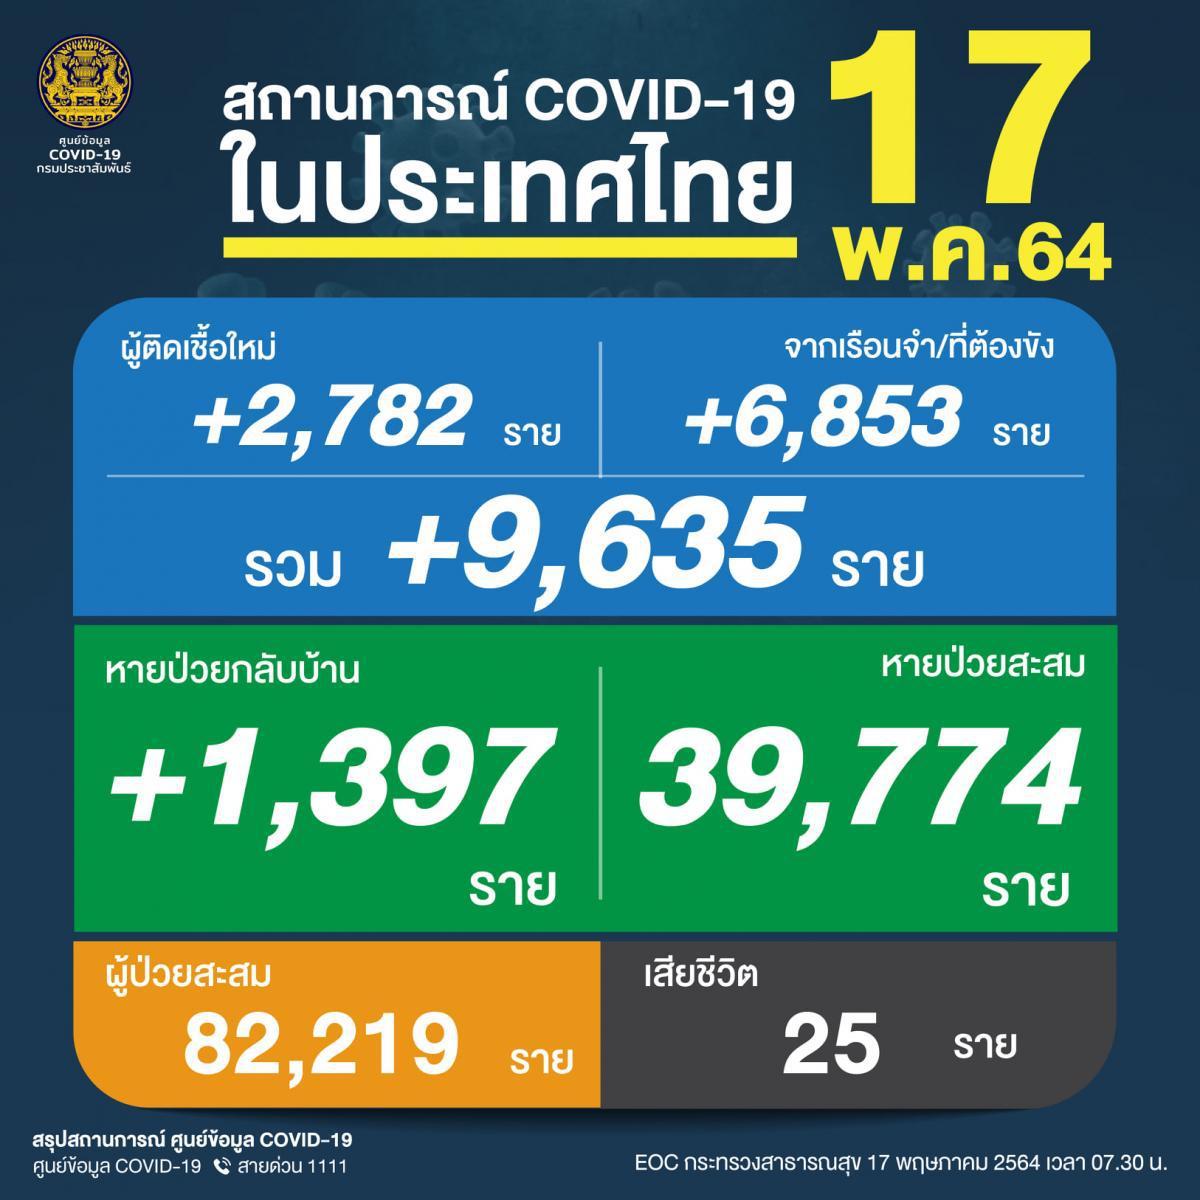 เกือบหมื่น !! 9,635 ราย ผู้ติดโควิดรวมวันนี้ เสียชีวิตเพิ่ม 25 ราย